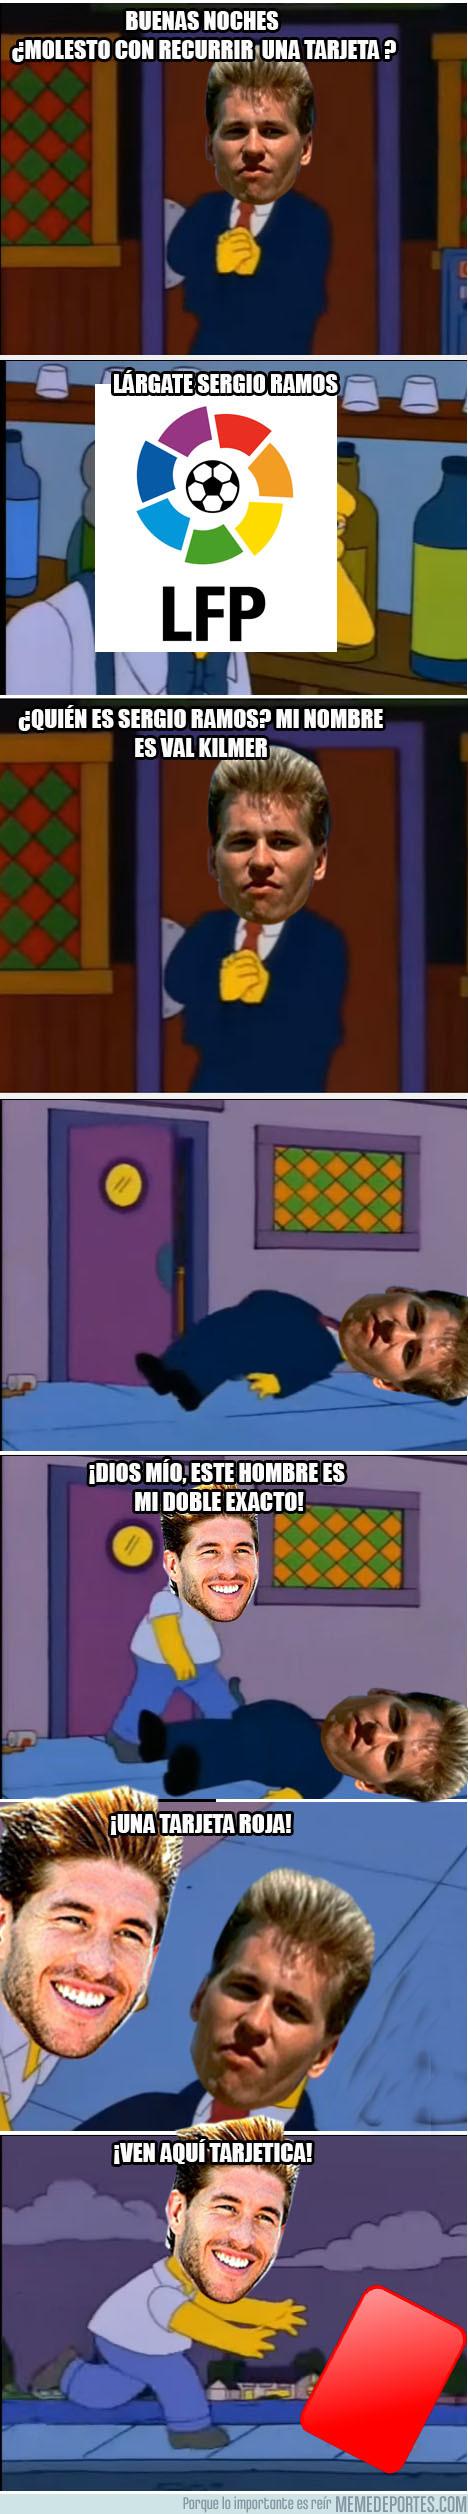 994965 - La debilidad de Sergio Ramos